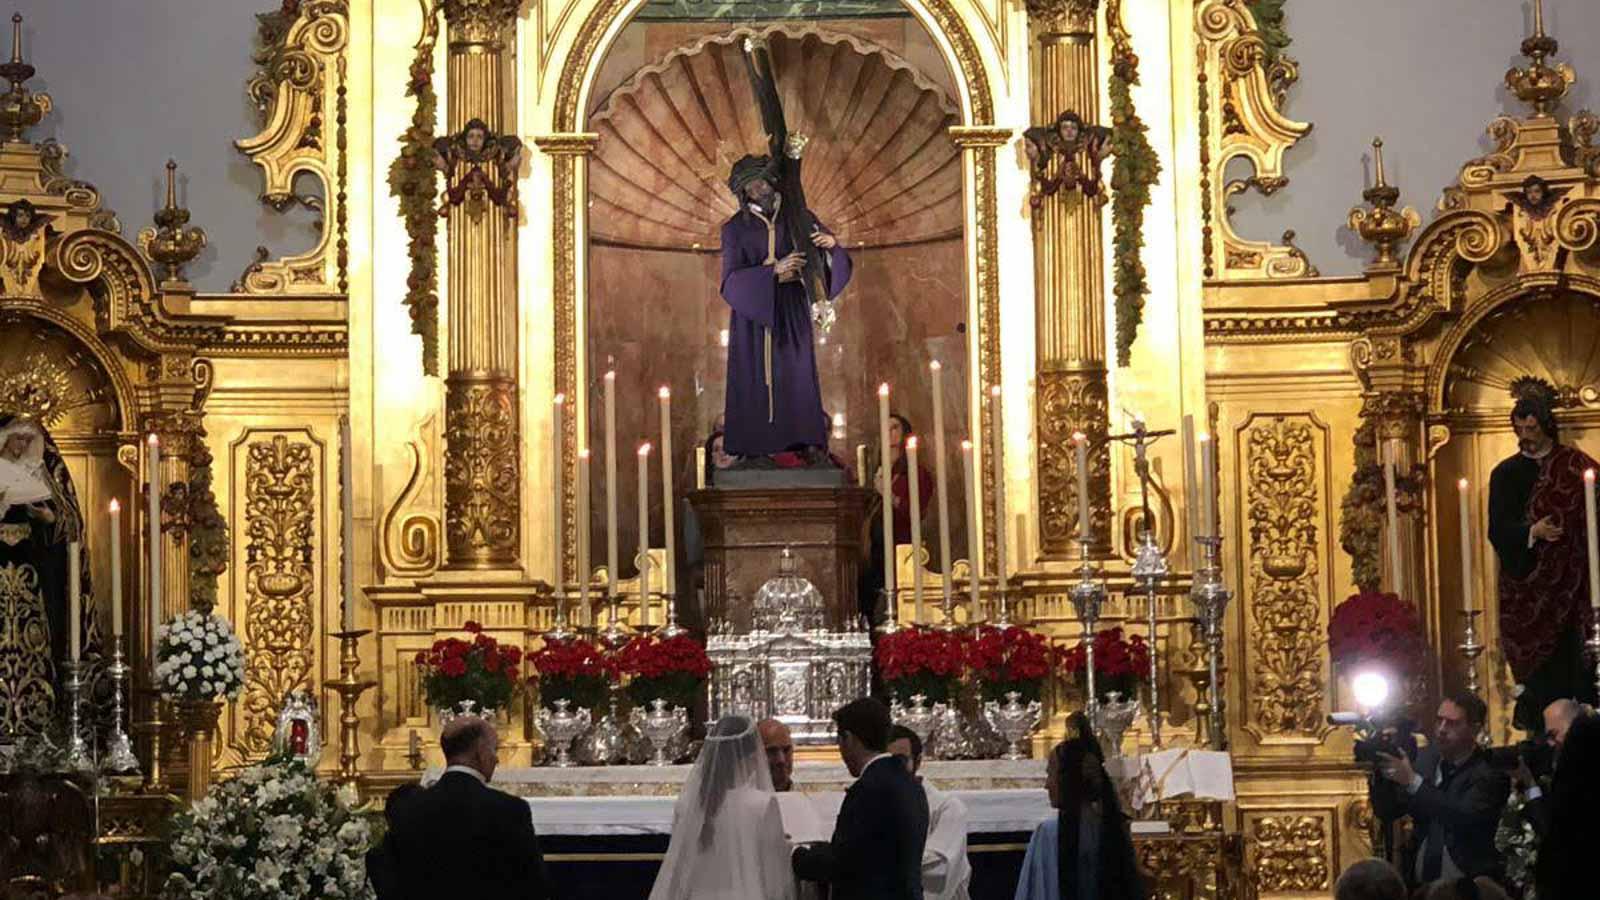 seville basilica jesus del gran poder